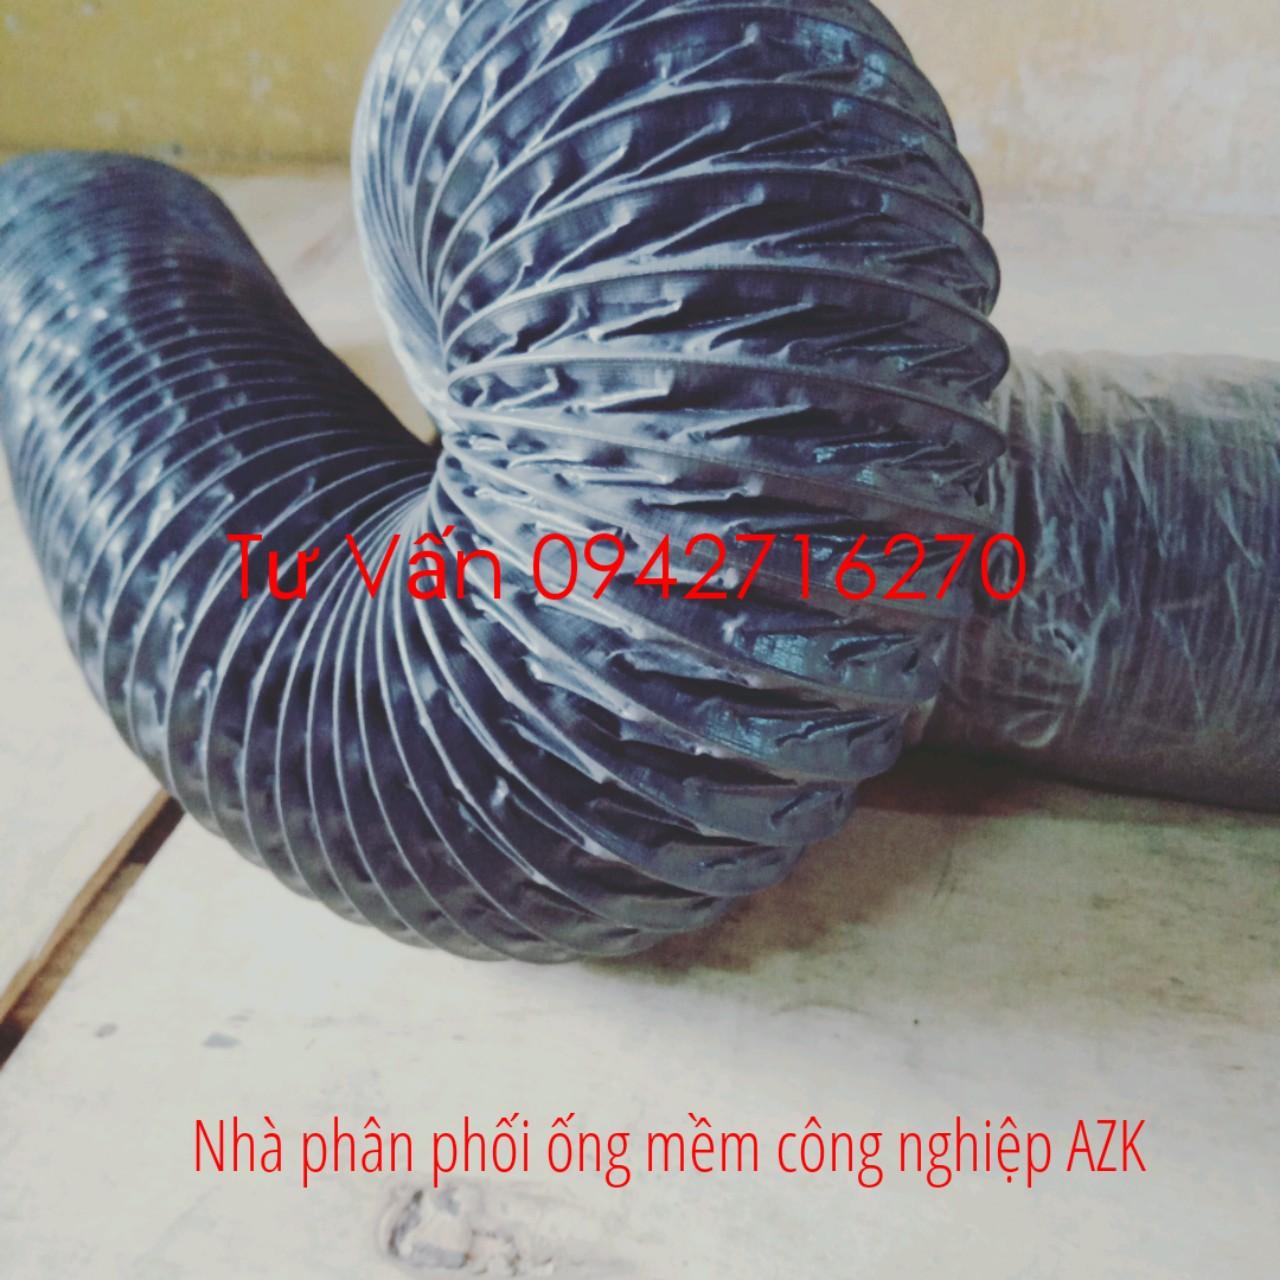 giá bán ống gió mềm vải simili chất lượng cao